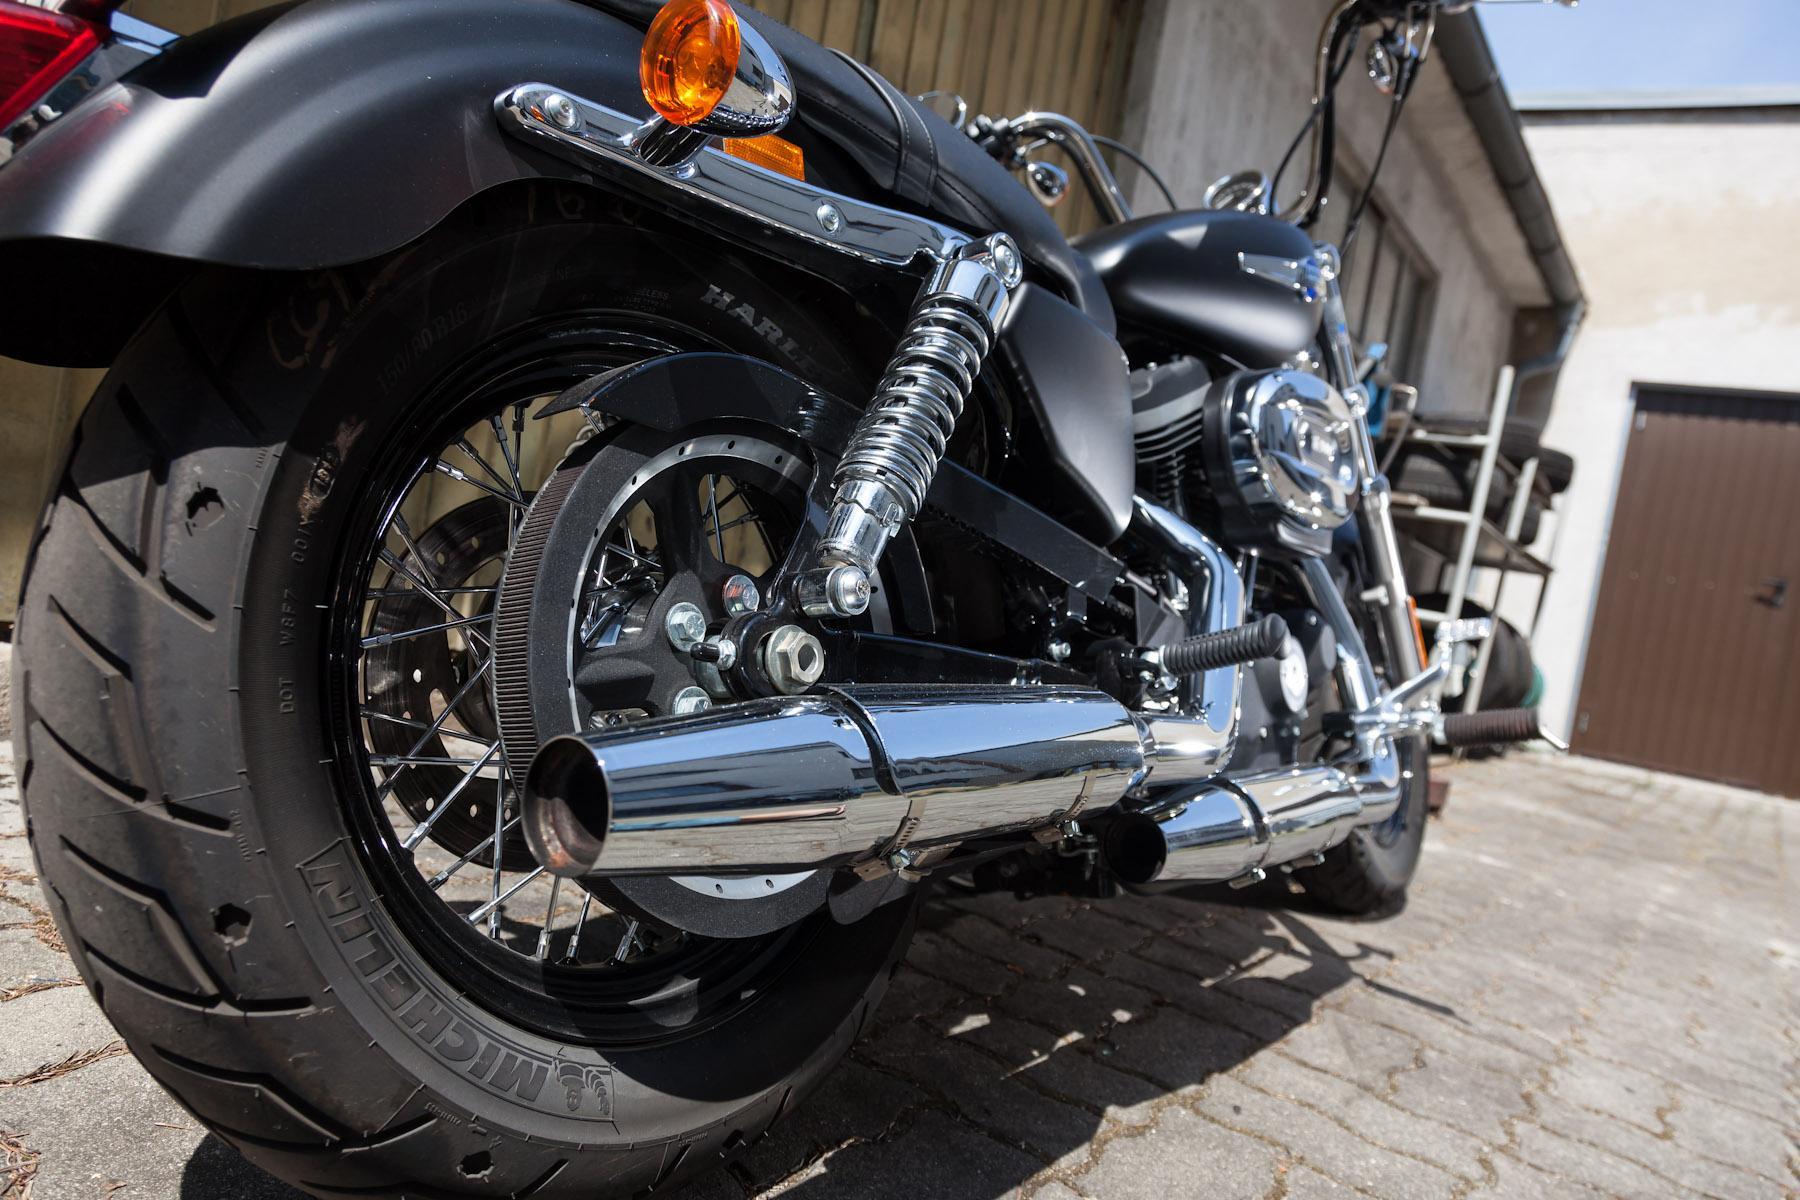 http://www.motorrad-bilder.at/slideshows/291/009840/harley_davidson_sportster_custom_limeted_2013-9.jpg